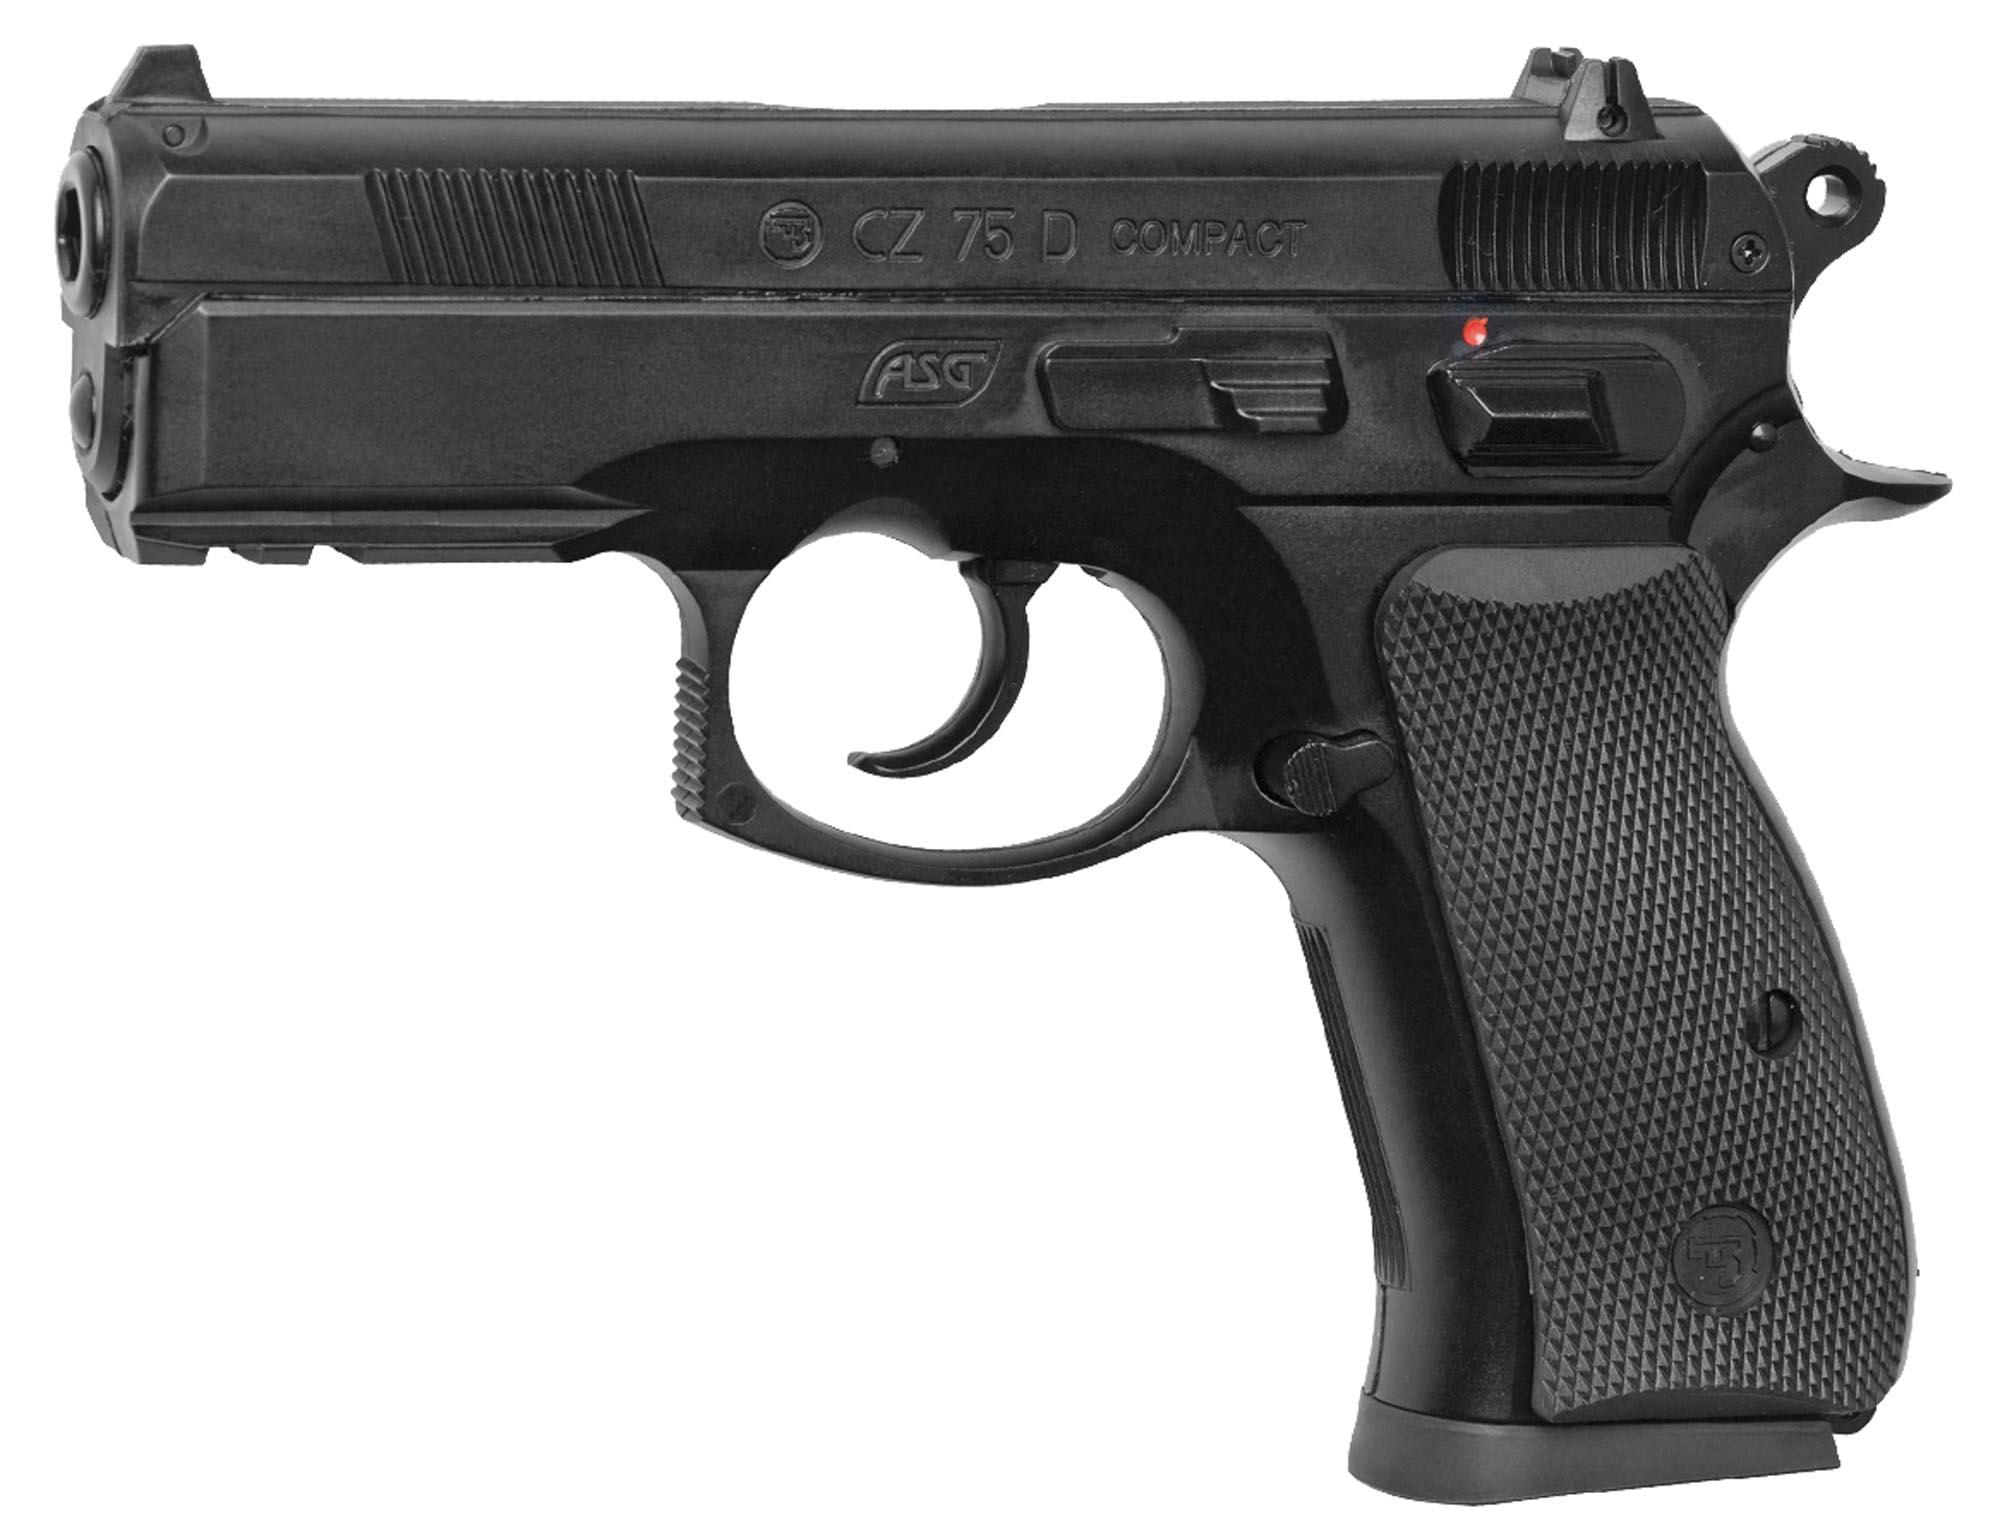 Réplique Pistolet CZ 75 COMPACT GNB CO2